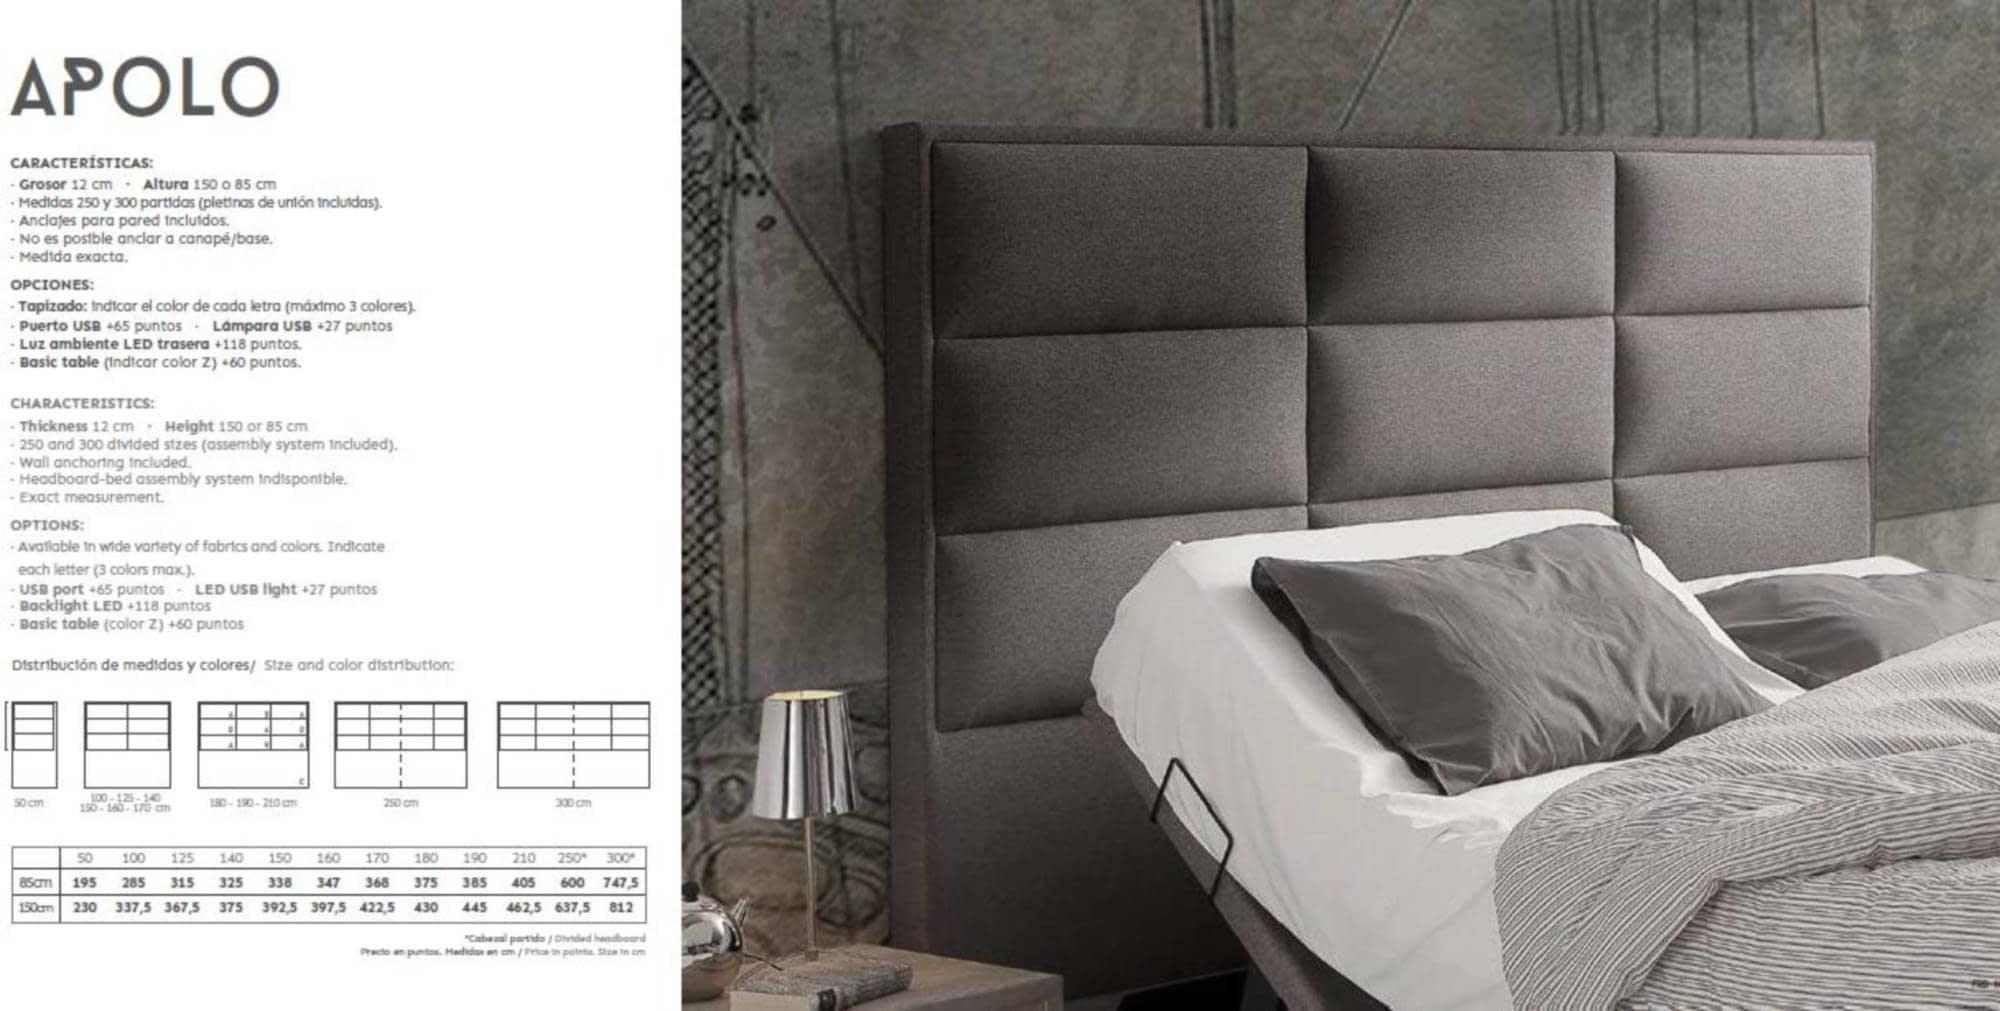 Encantador Cabeceros Rey Bajo 100 Muebles Imagen - Muebles Para ...